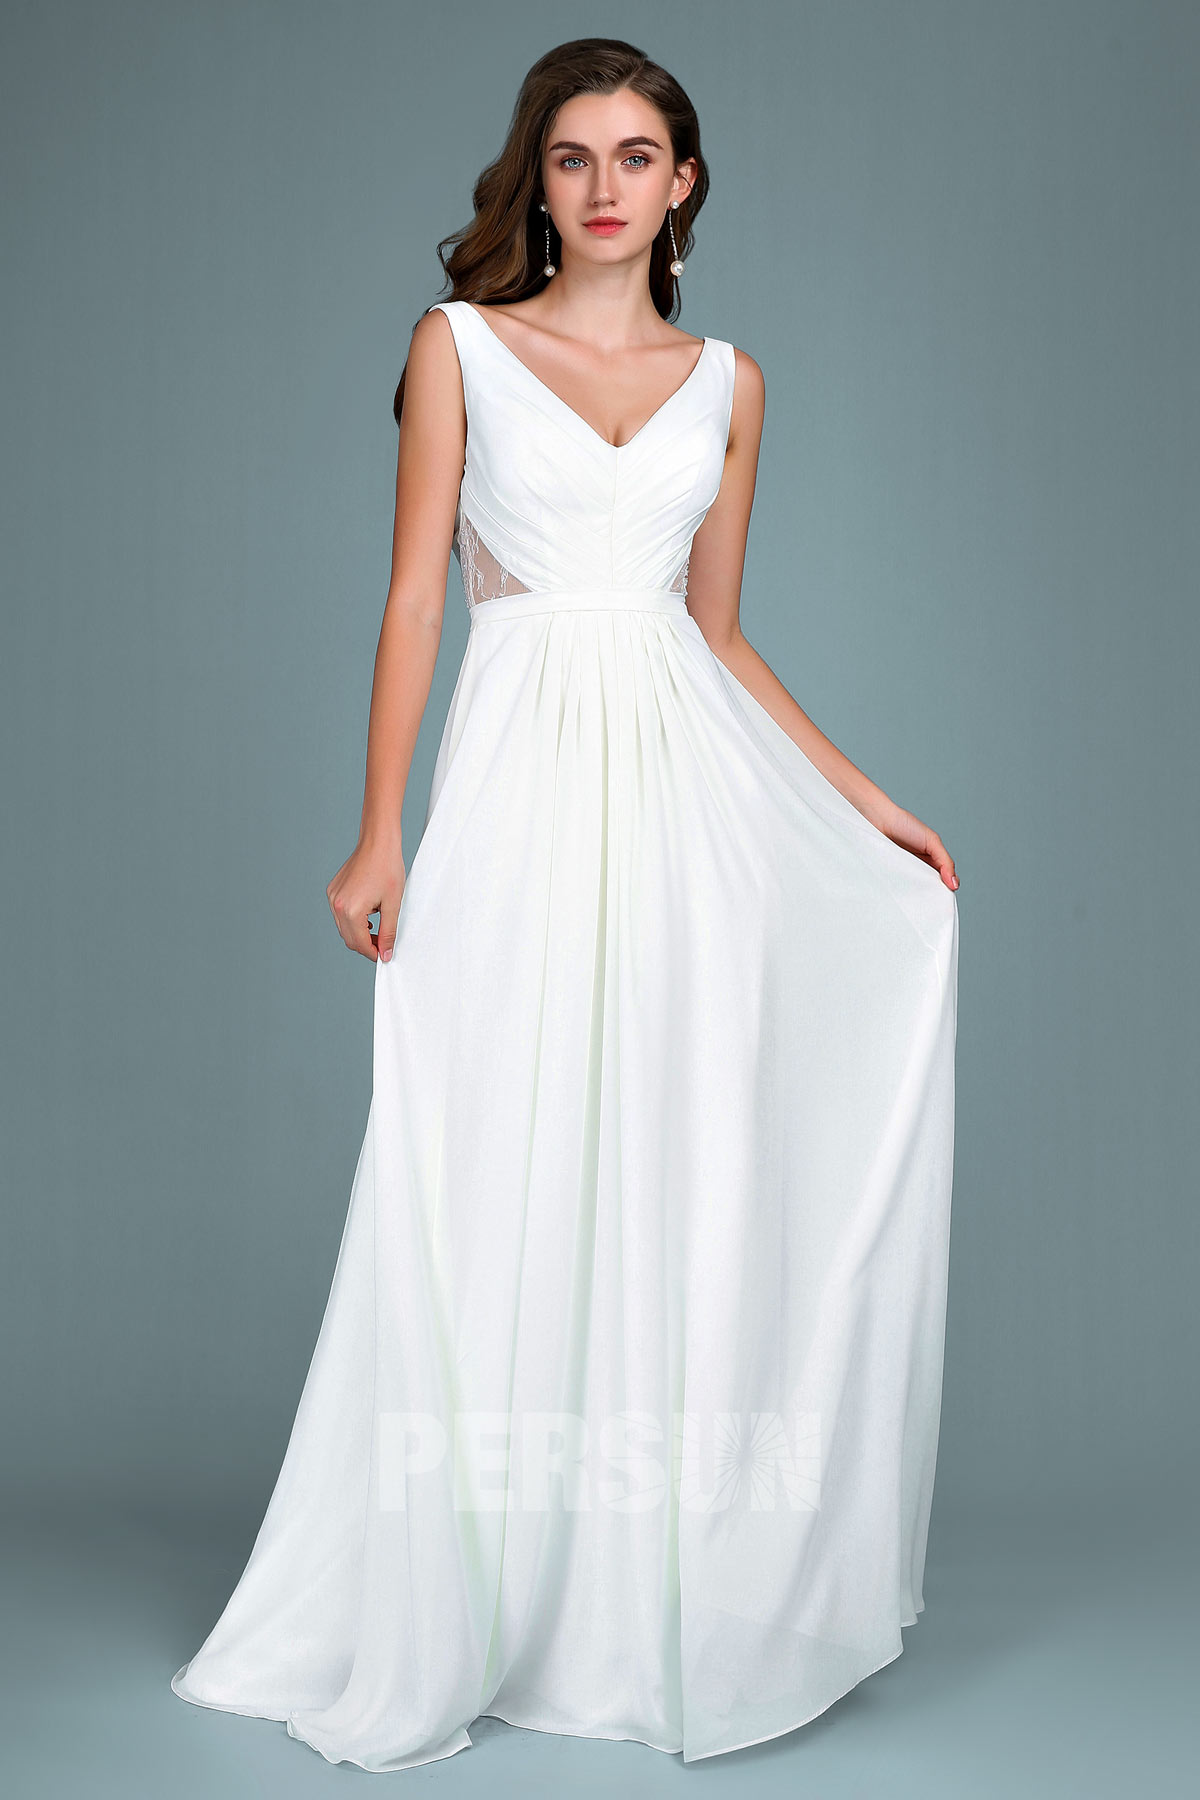 robe pour fiançailles simple blanche col v côté transparent en dentelle